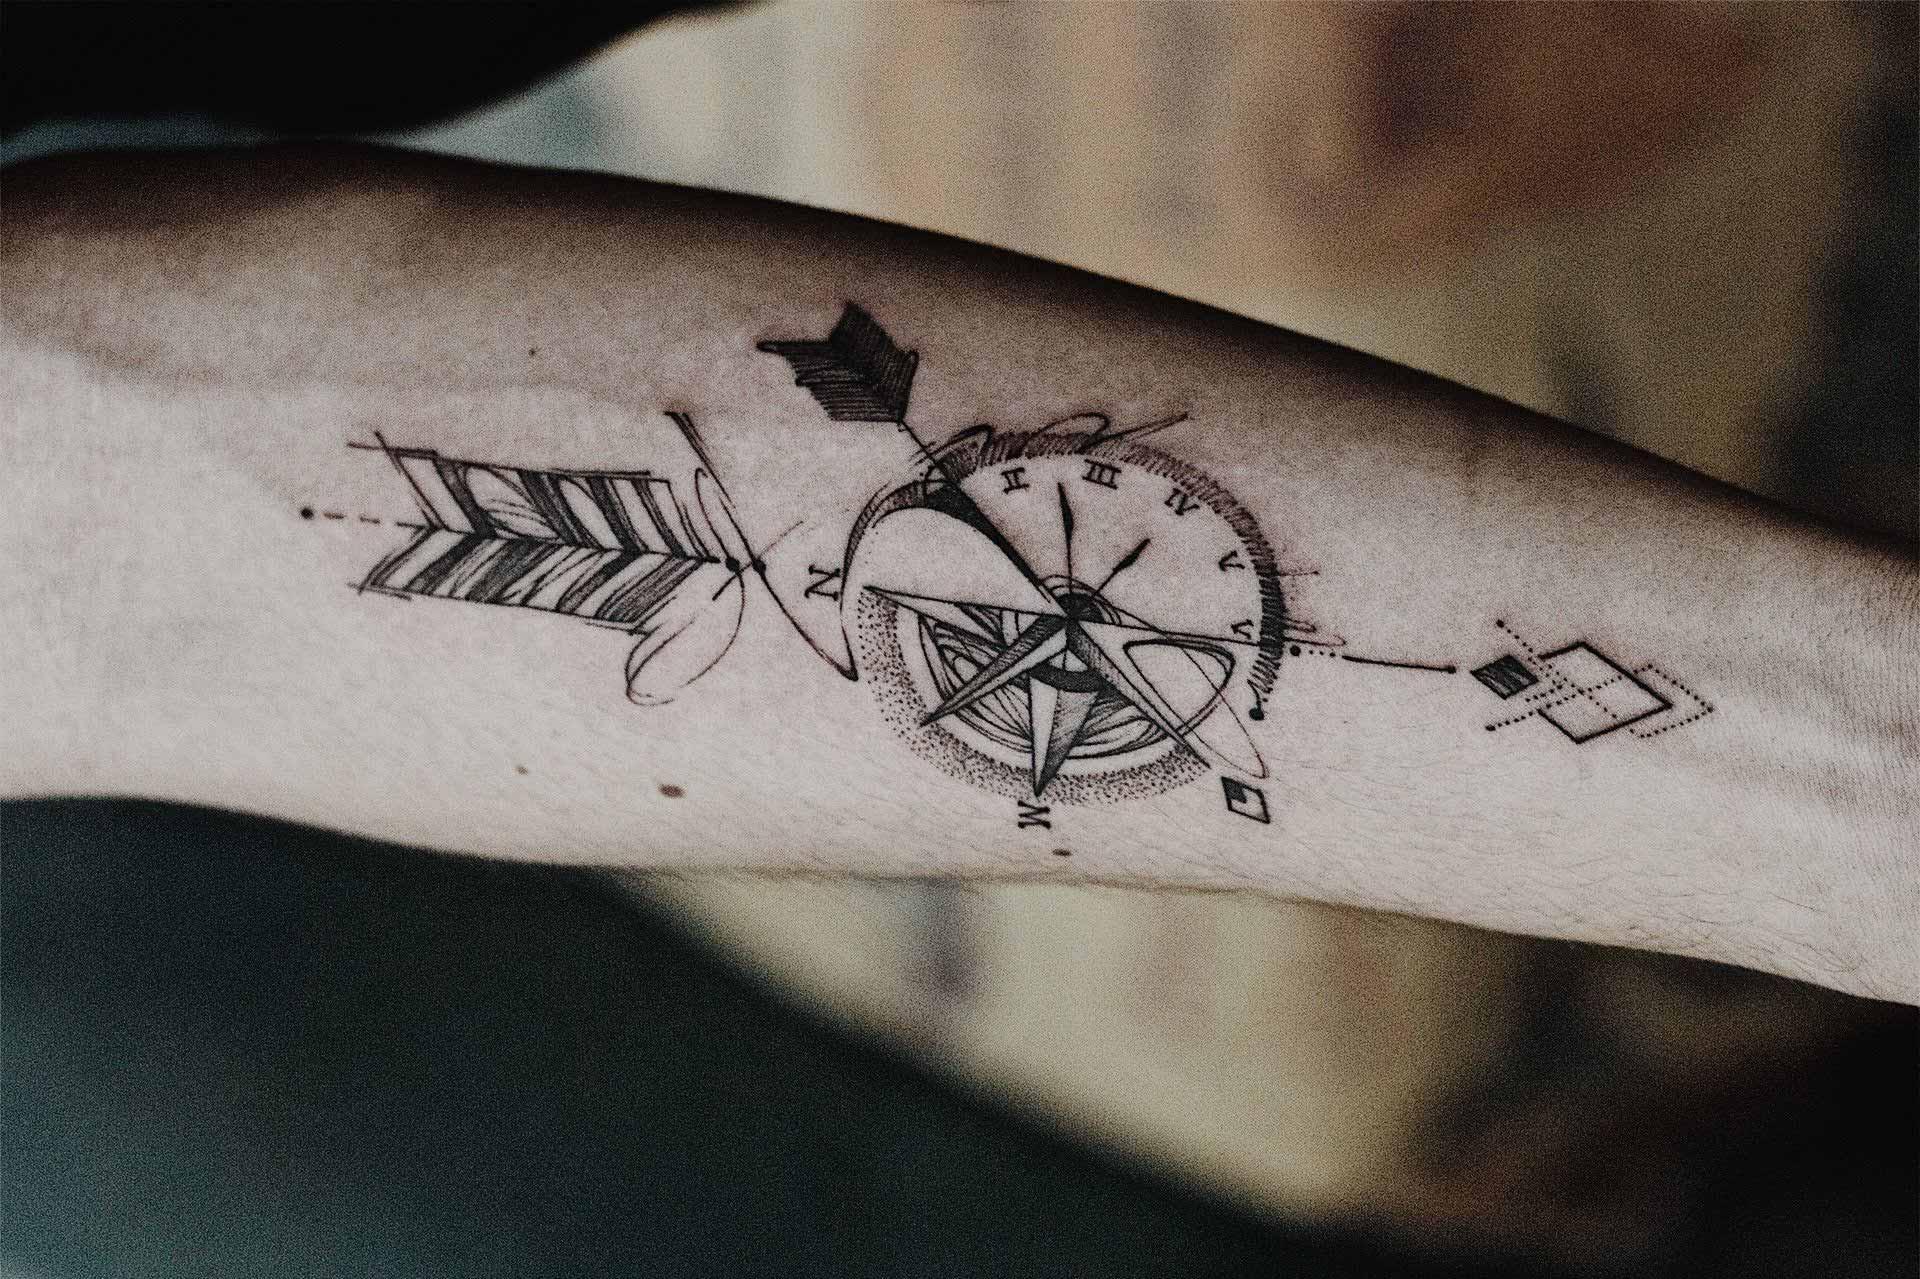 Minimalist Clock and Arrow Tattoo